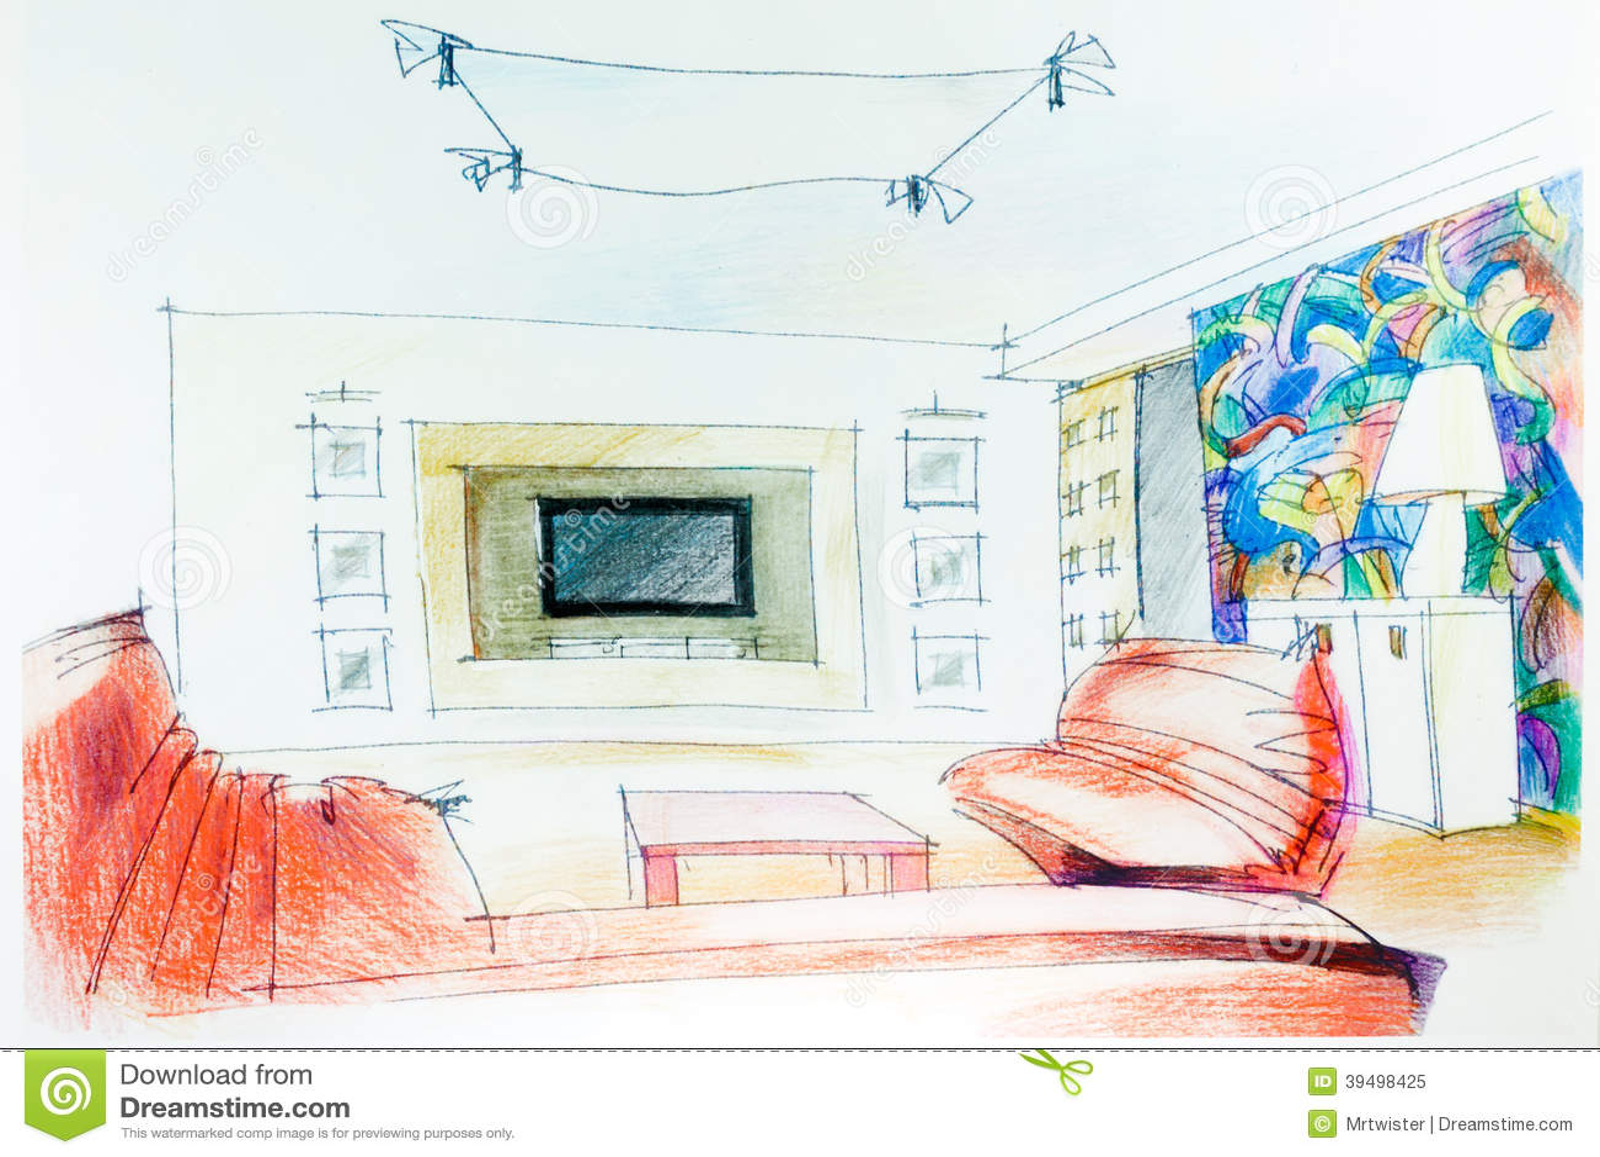 Watercolor Sketch Of An Interior